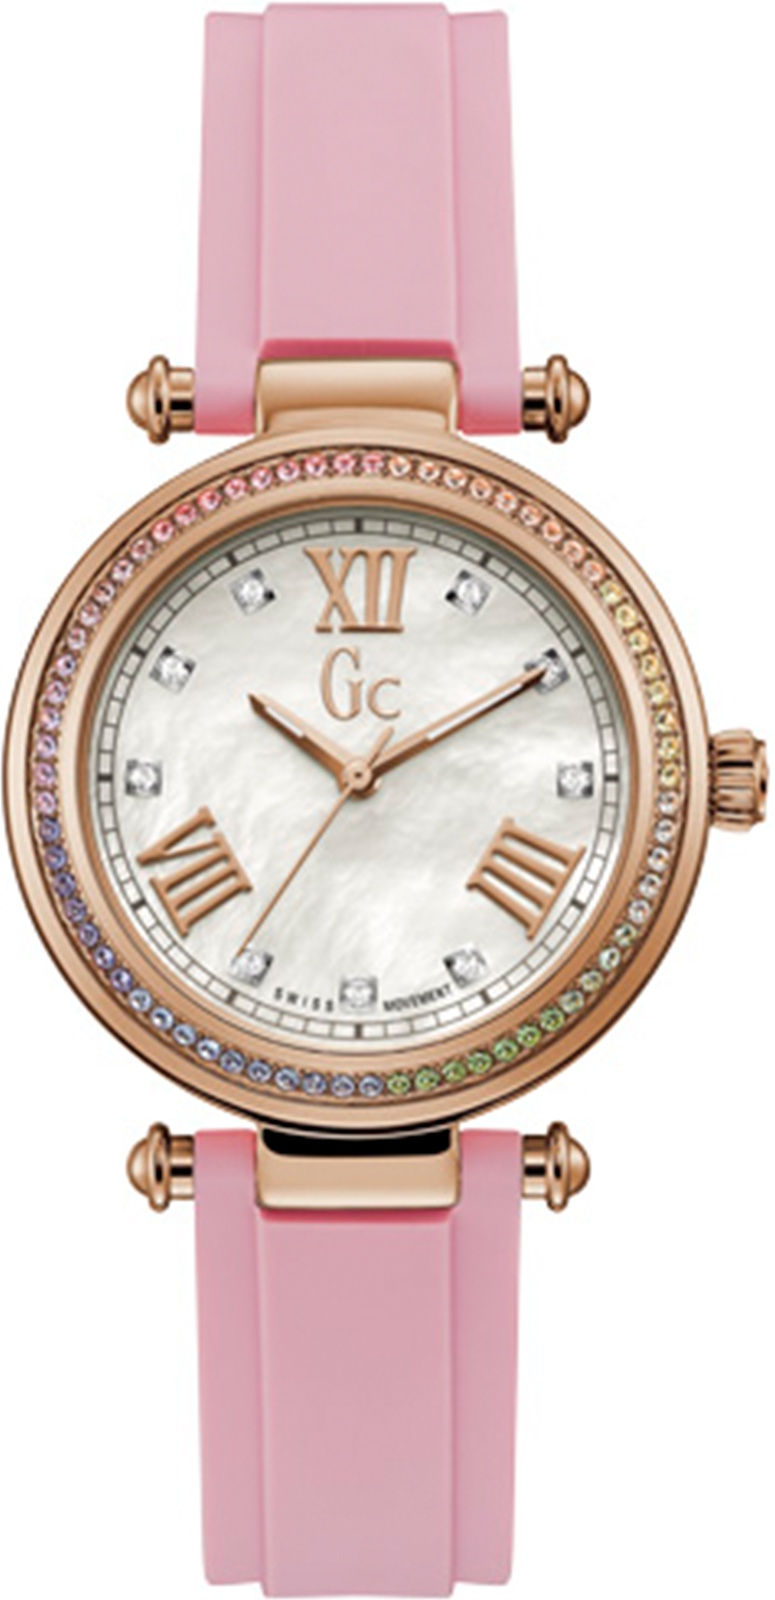 Часы GC PrimeChic, розовый, золотойY46004L1MFШвейцарский механизм - корпус с PVD покрытием розовое золото - Bezel w/ Pastel Swarovski crystals - Белый циферблат из натурального перламутра - ? 36.5 mm - Розовый силиконовый ремень - минеральное стекло с сапфировым напылением